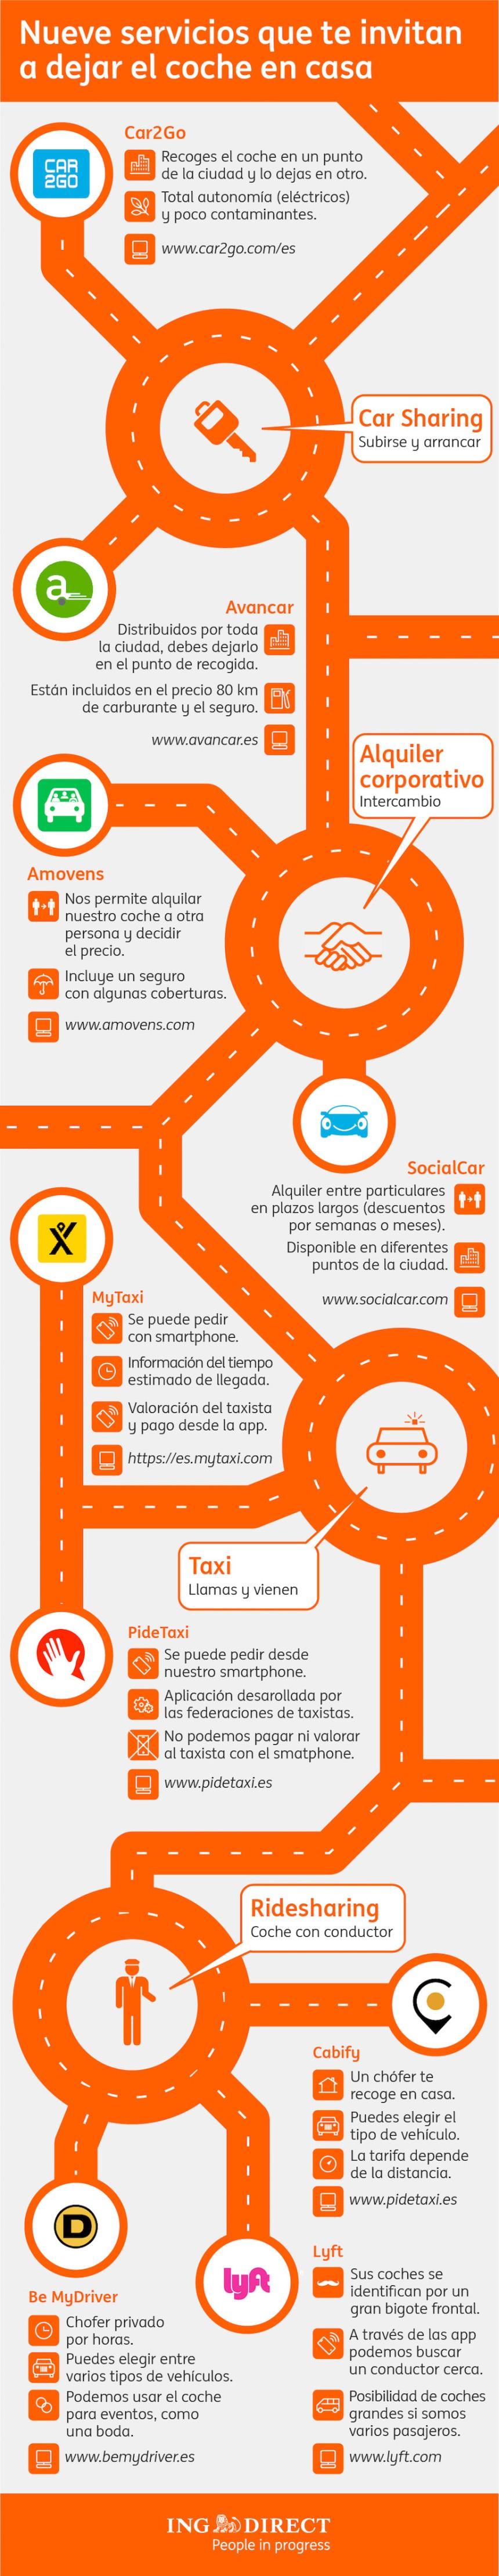 9 APPs para que dejes tu coche en casa